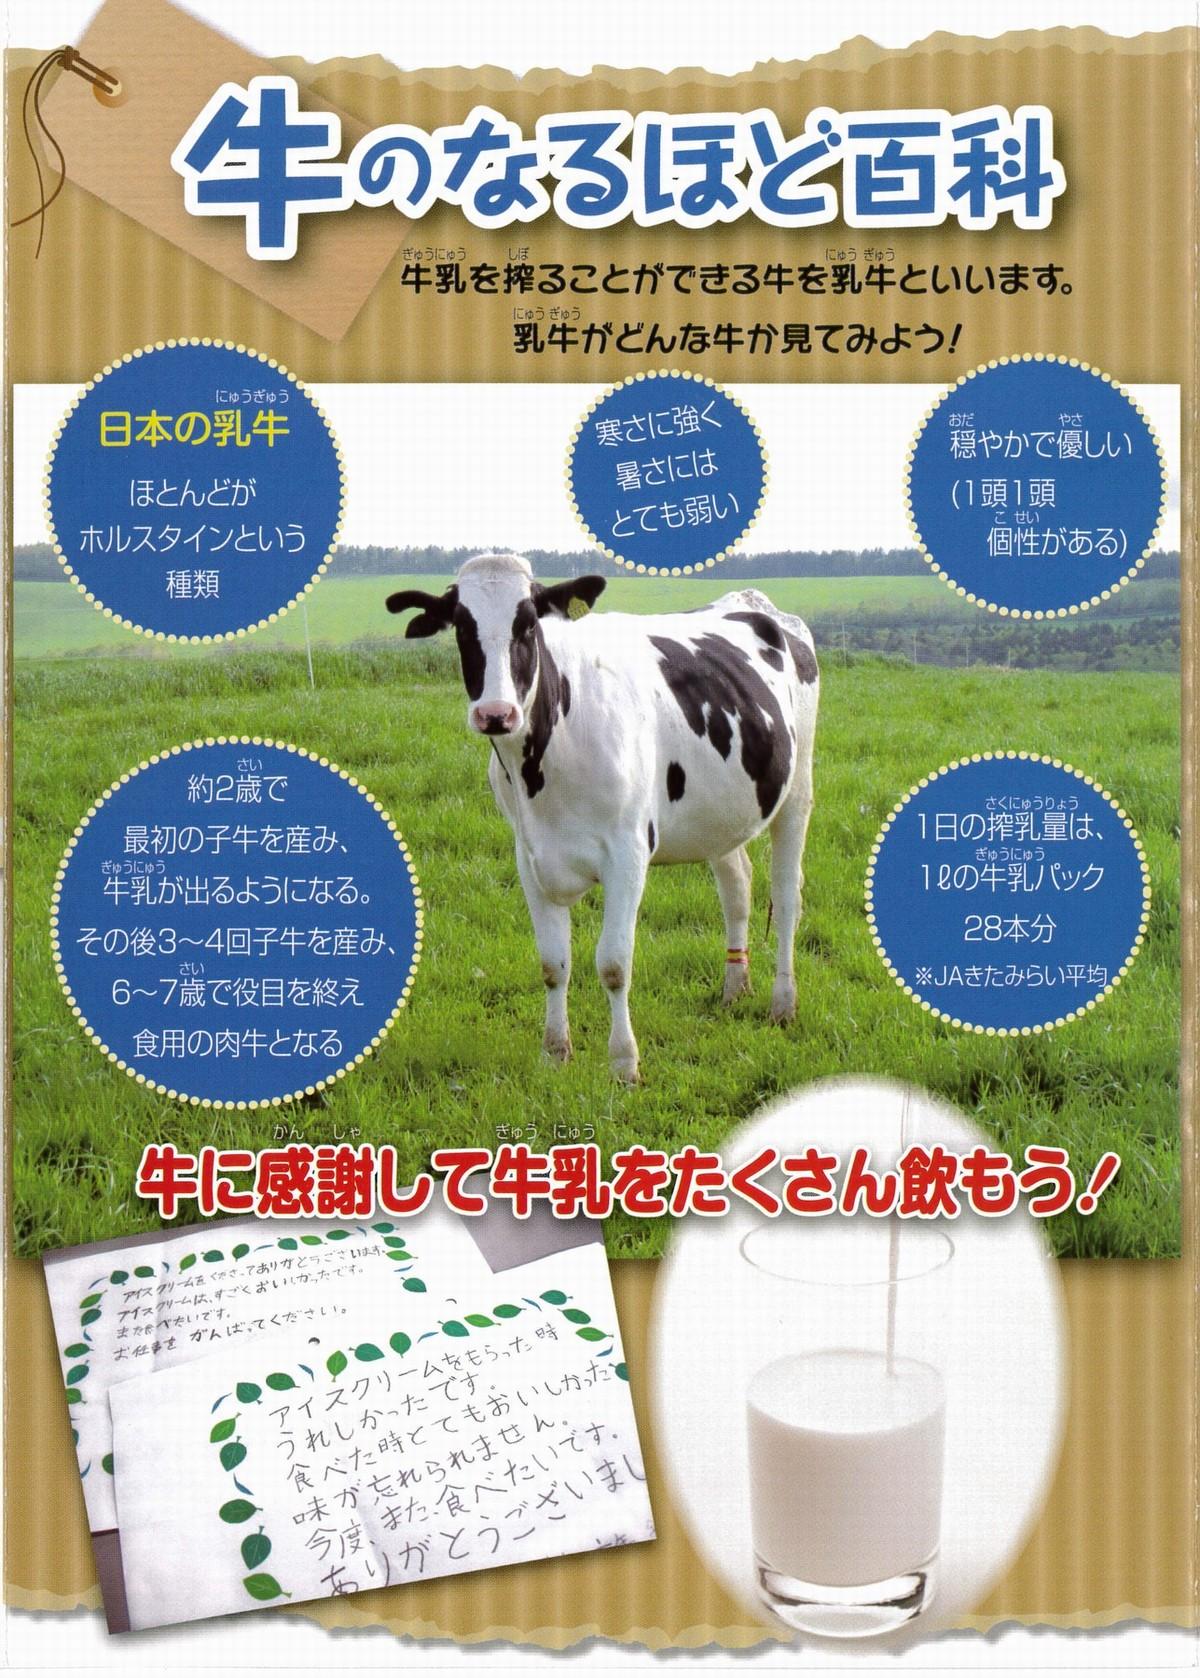 みんな牛乳飲んでる?_03